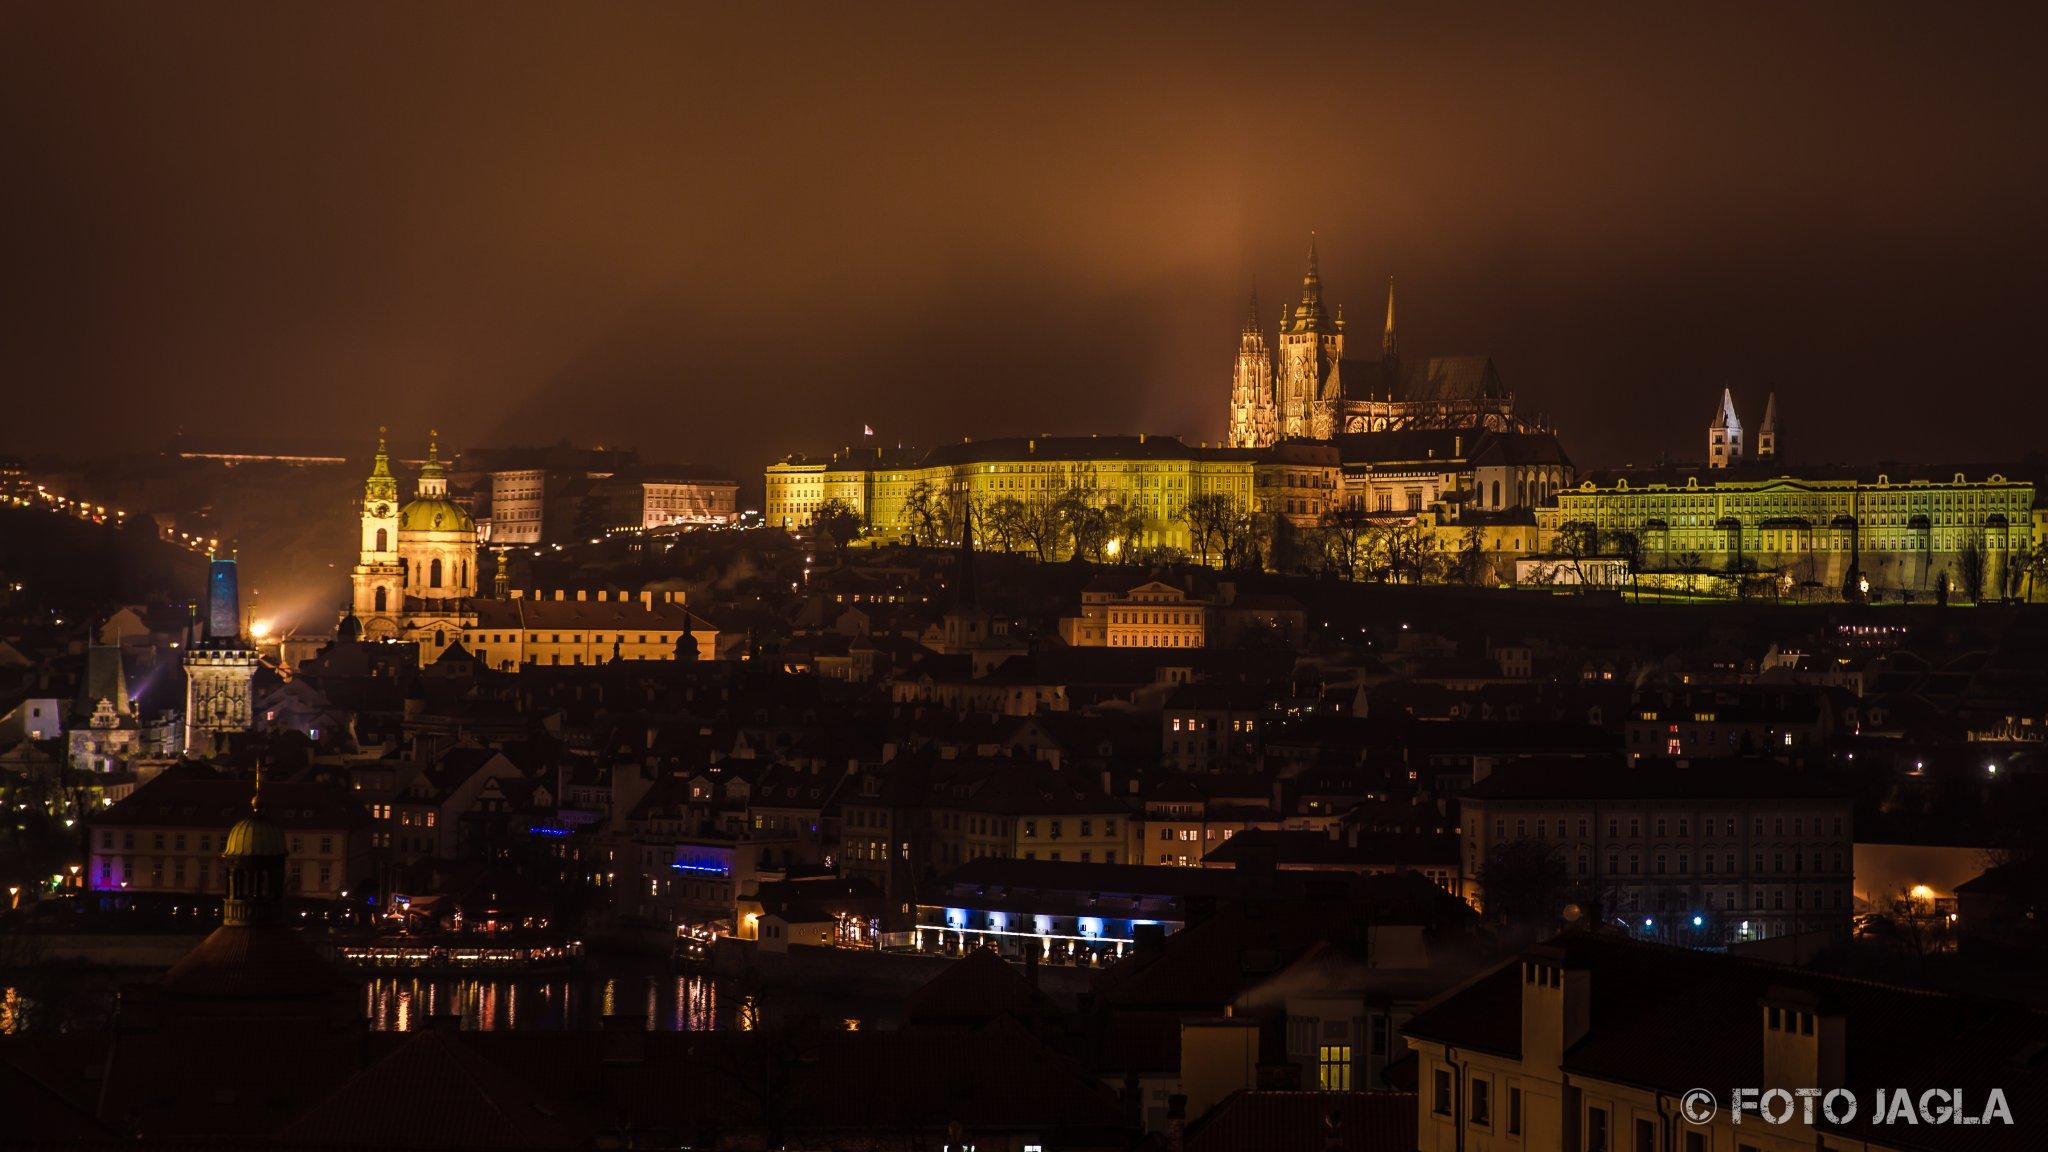 Die Prager Burg über der Moldau bei Nacht, aufgenommen vom Dach des Klementinum Praha